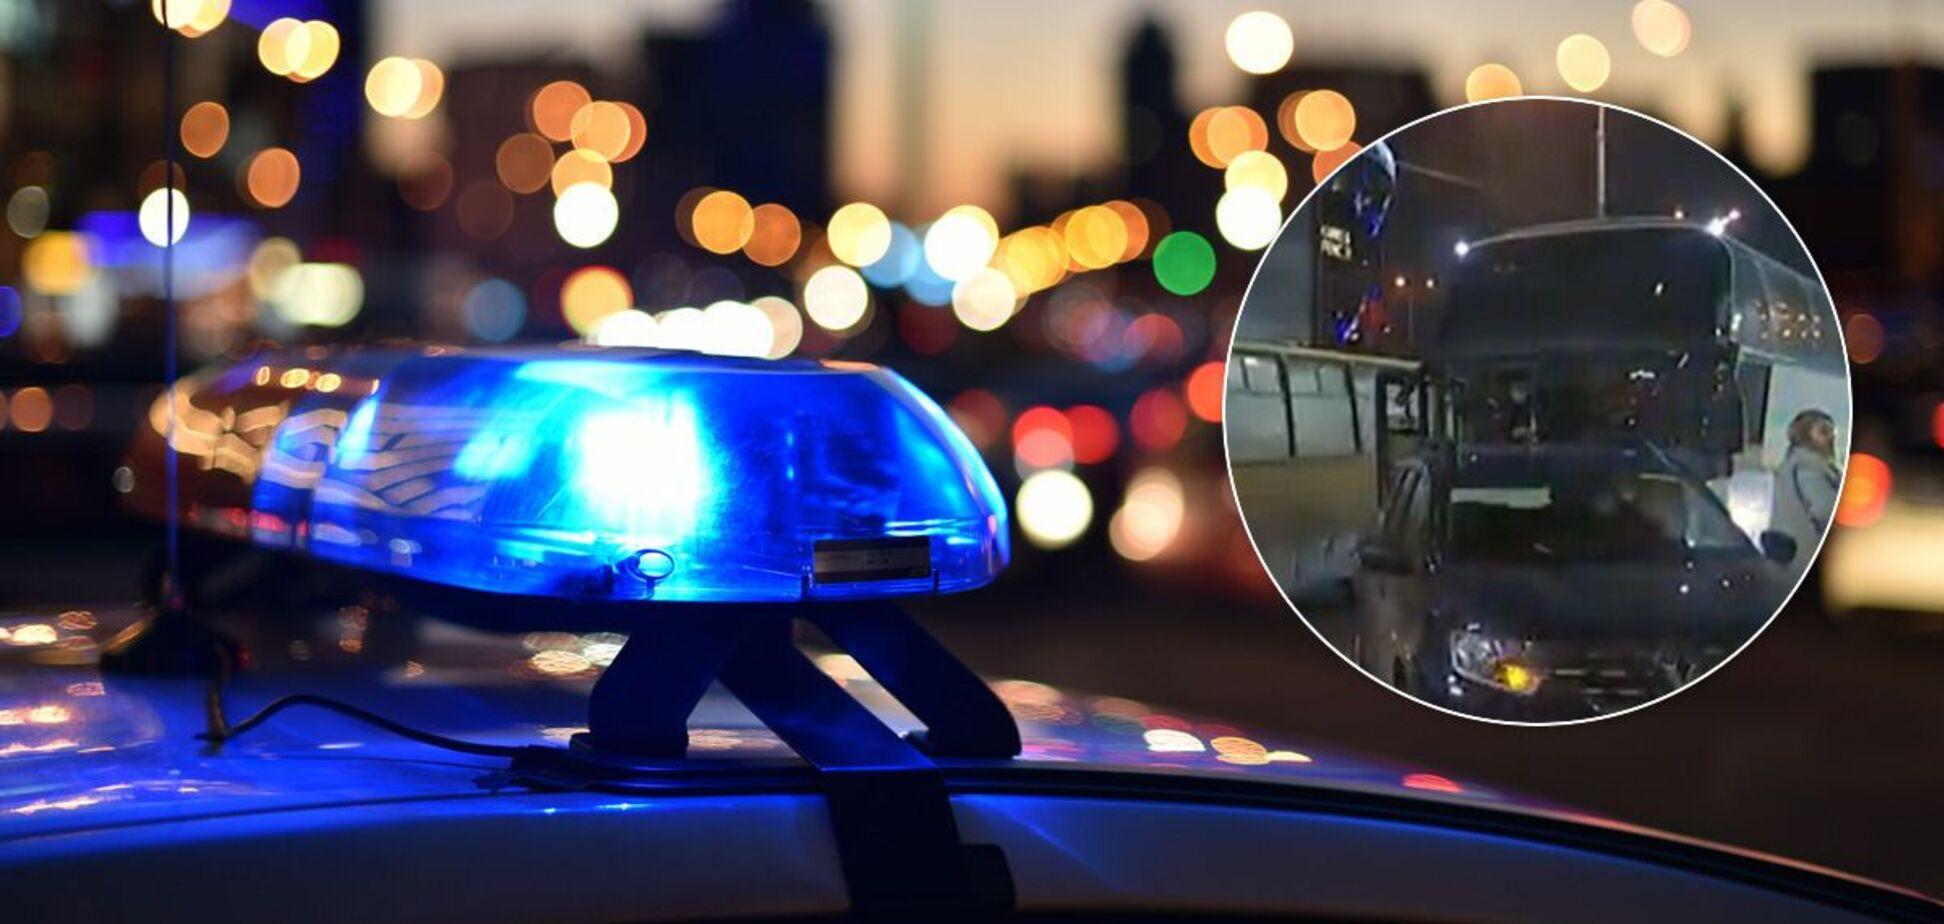 Полиция составила два админматериала на виновника ДТП